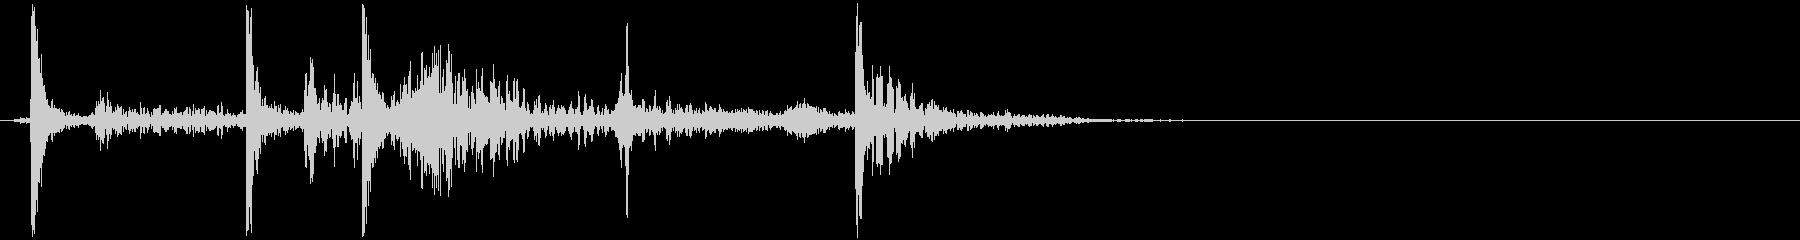 電子コンソールの小型電動パネル:オ...の未再生の波形